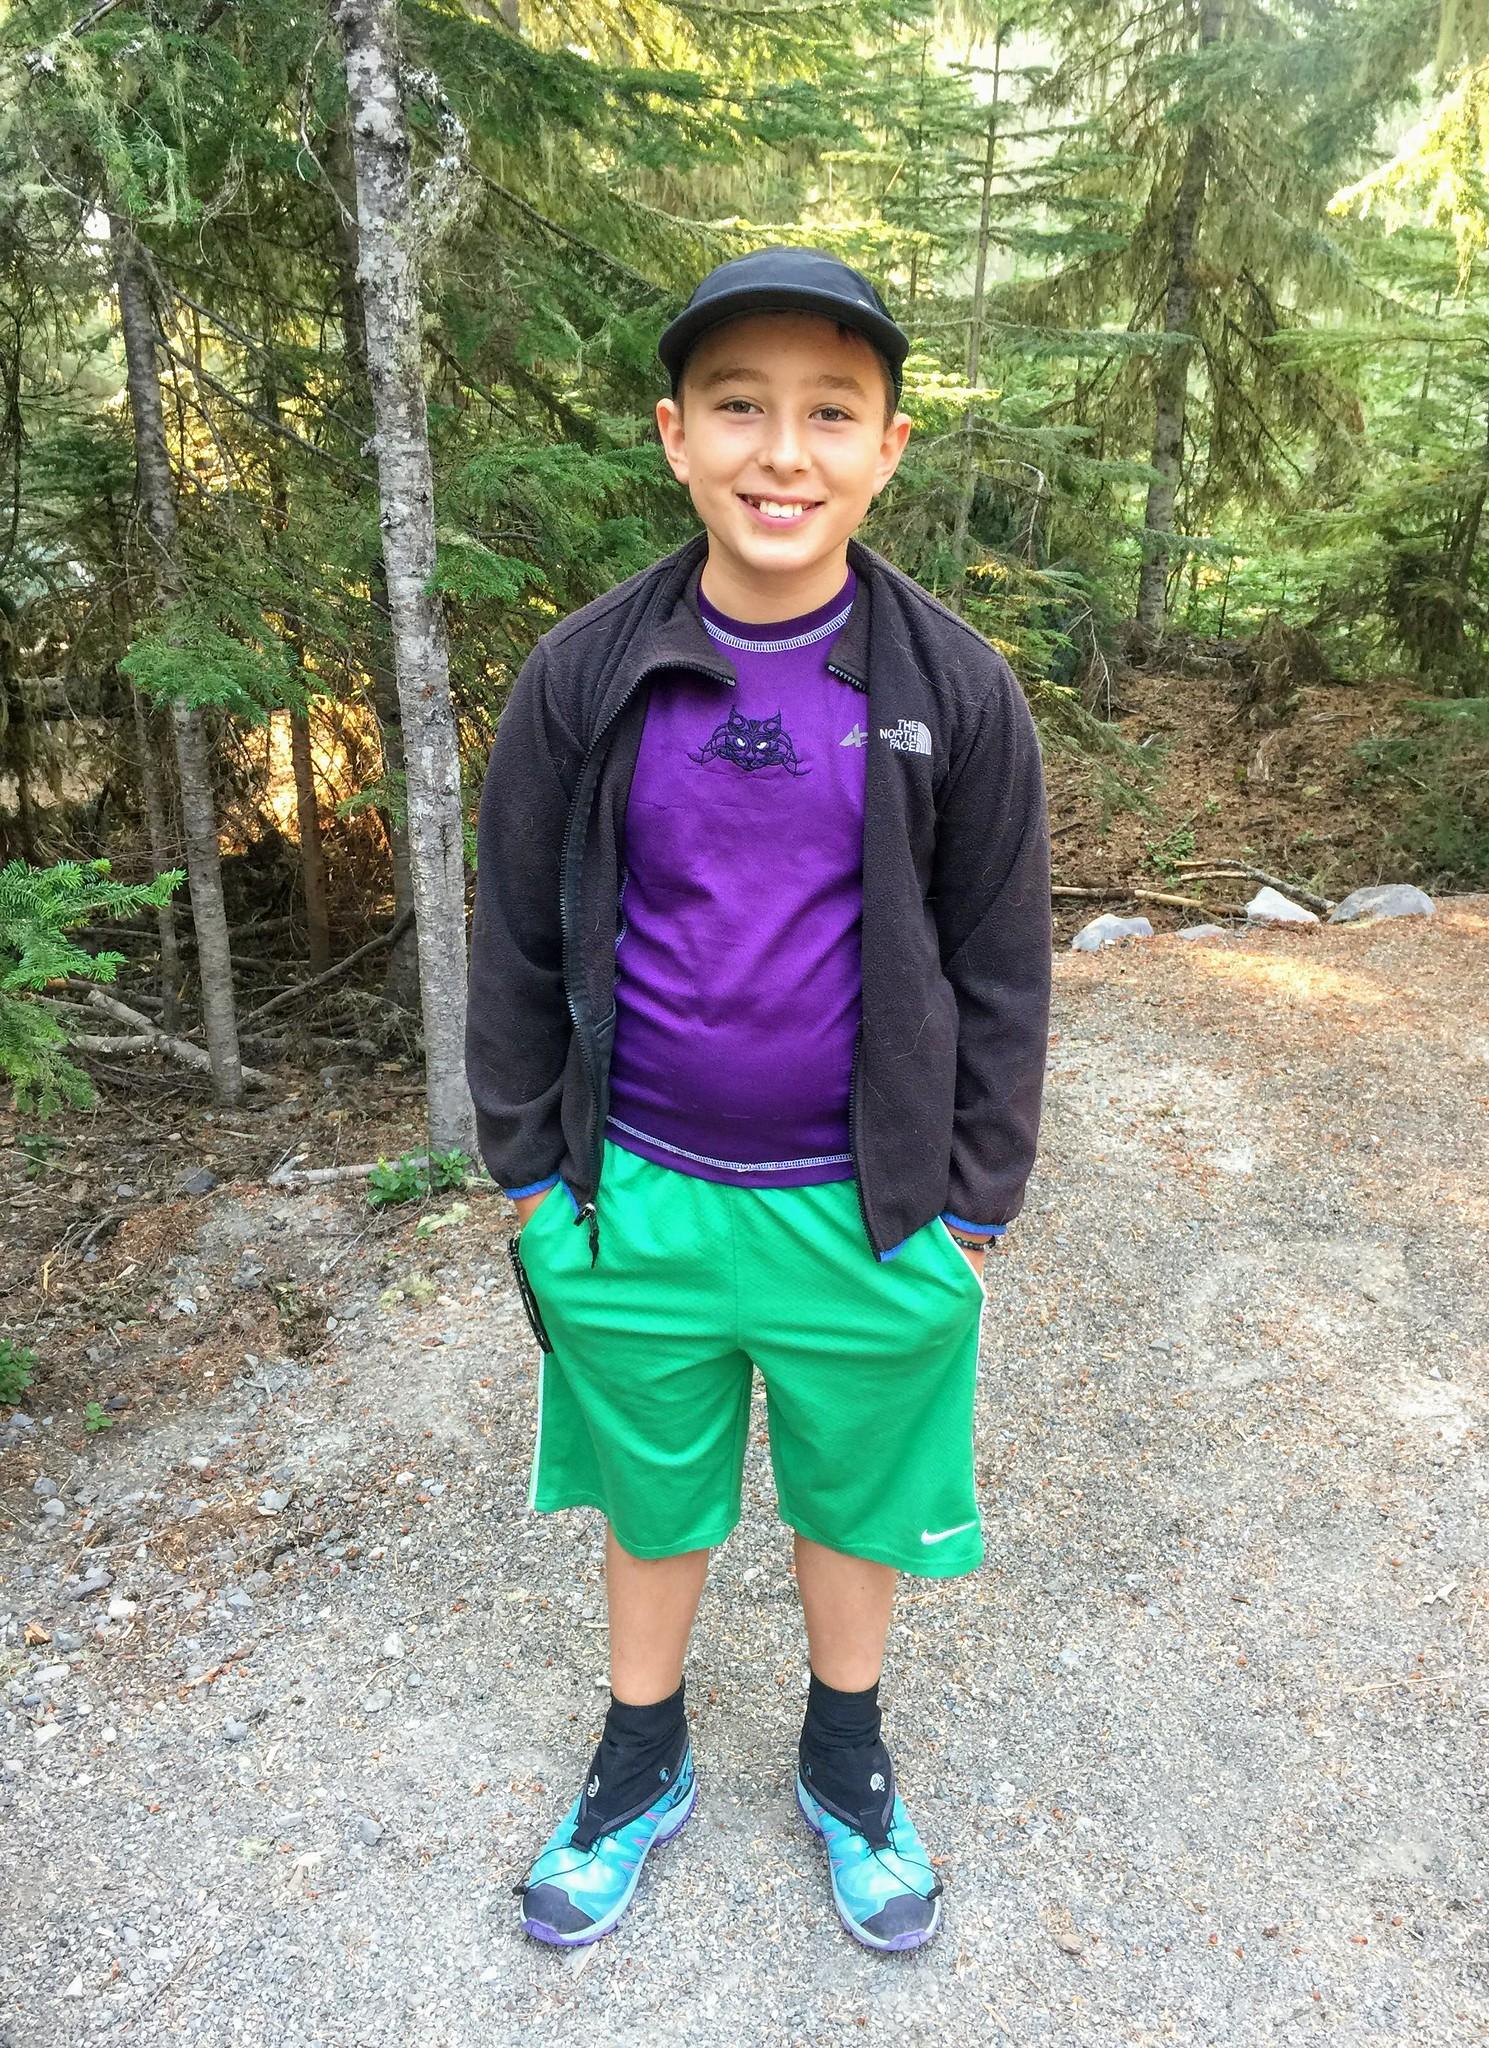 Casper is ready to hike